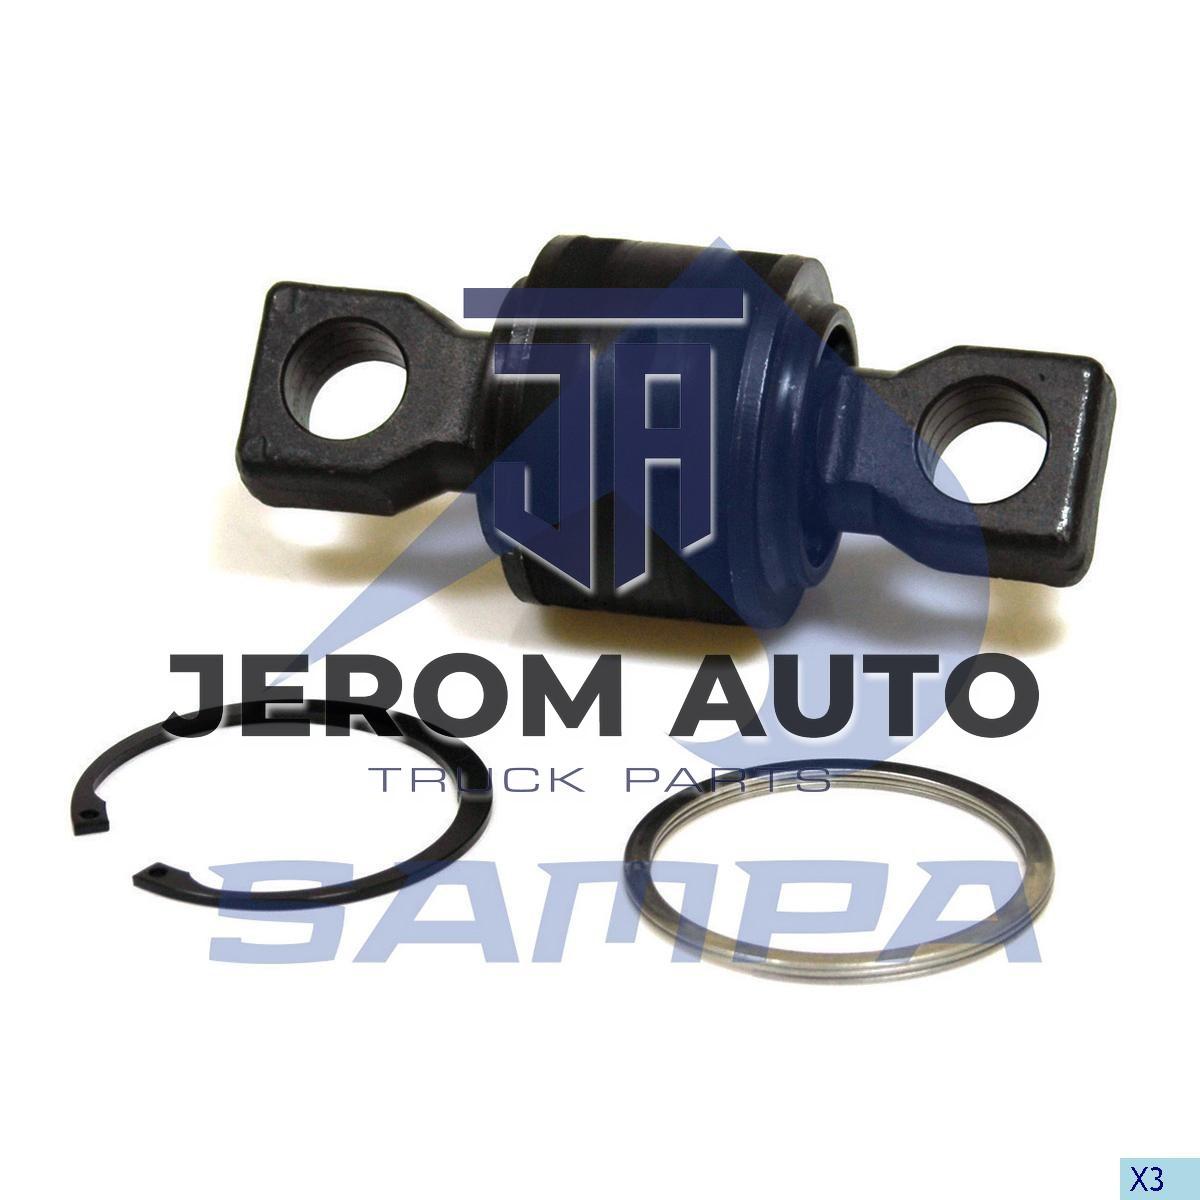 Ремкомплект тяги лучевой Mercedes Actros,Atego d75xd25/130 \0003504505 \ 010.709